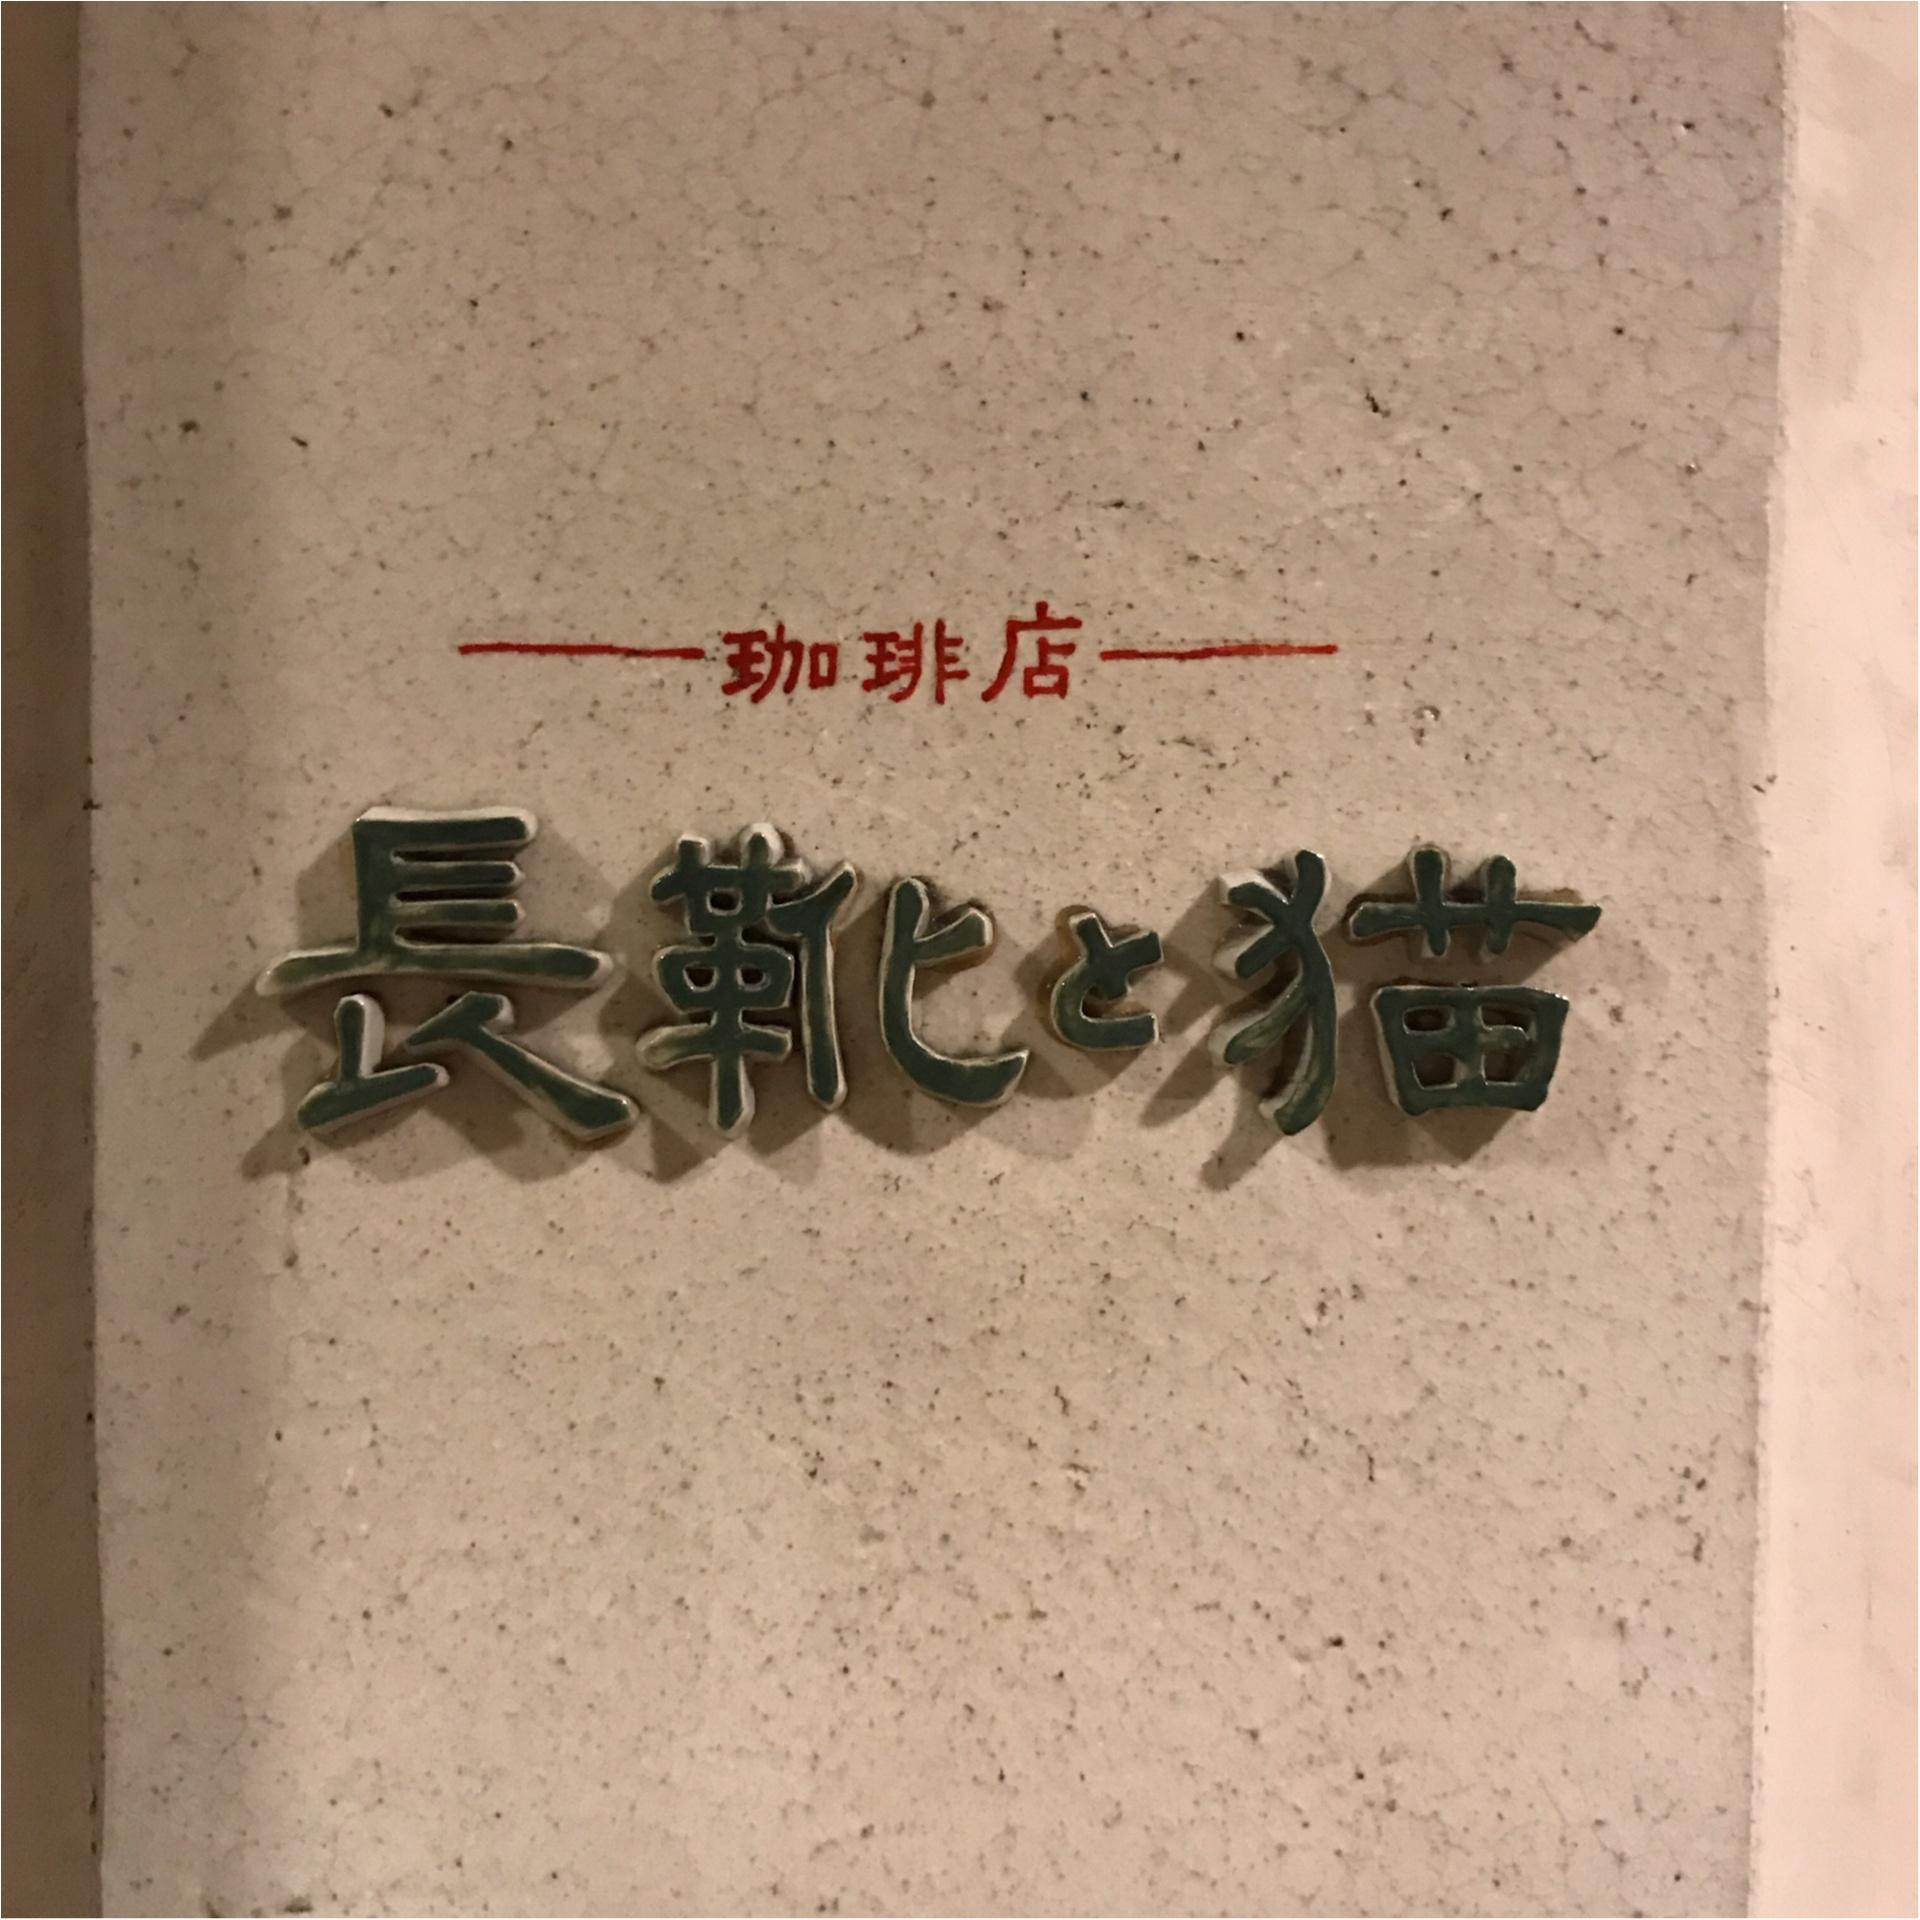 おすすめの喫茶店・カフェ特集 - 東京のレトロな喫茶店4選など、全国のフォトジェニックなカフェまとめ_50